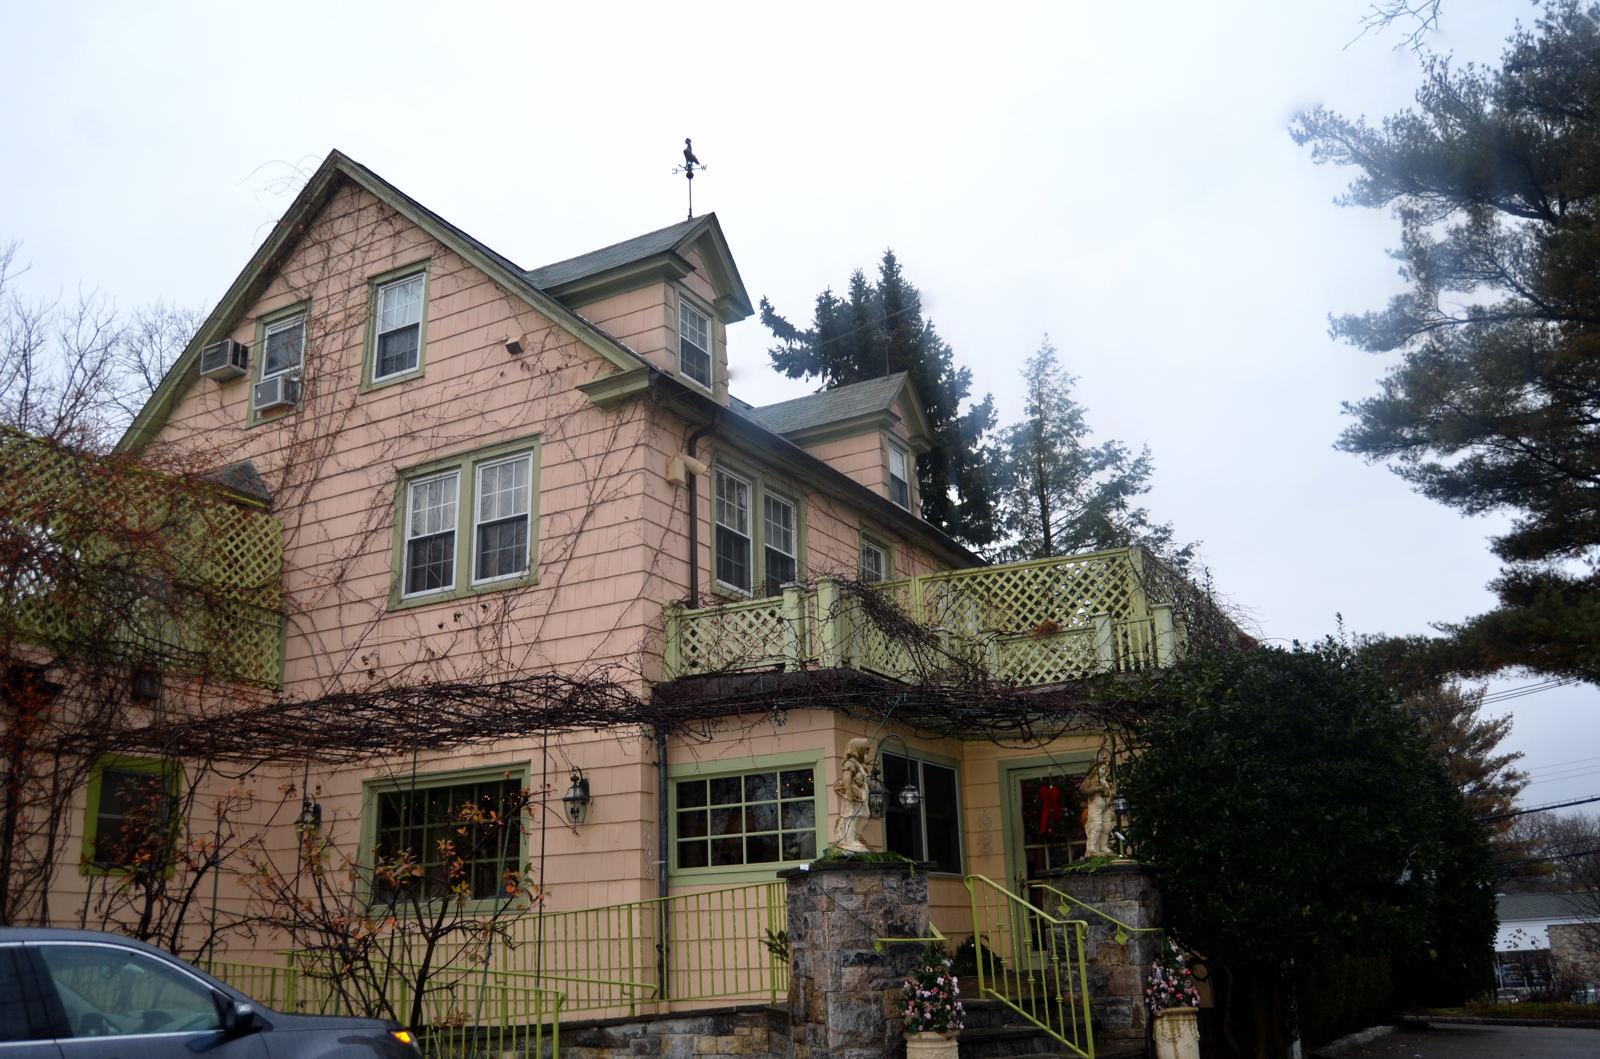 【不動産購入】中古を購入して月々15万円 新築購入して月々6万円